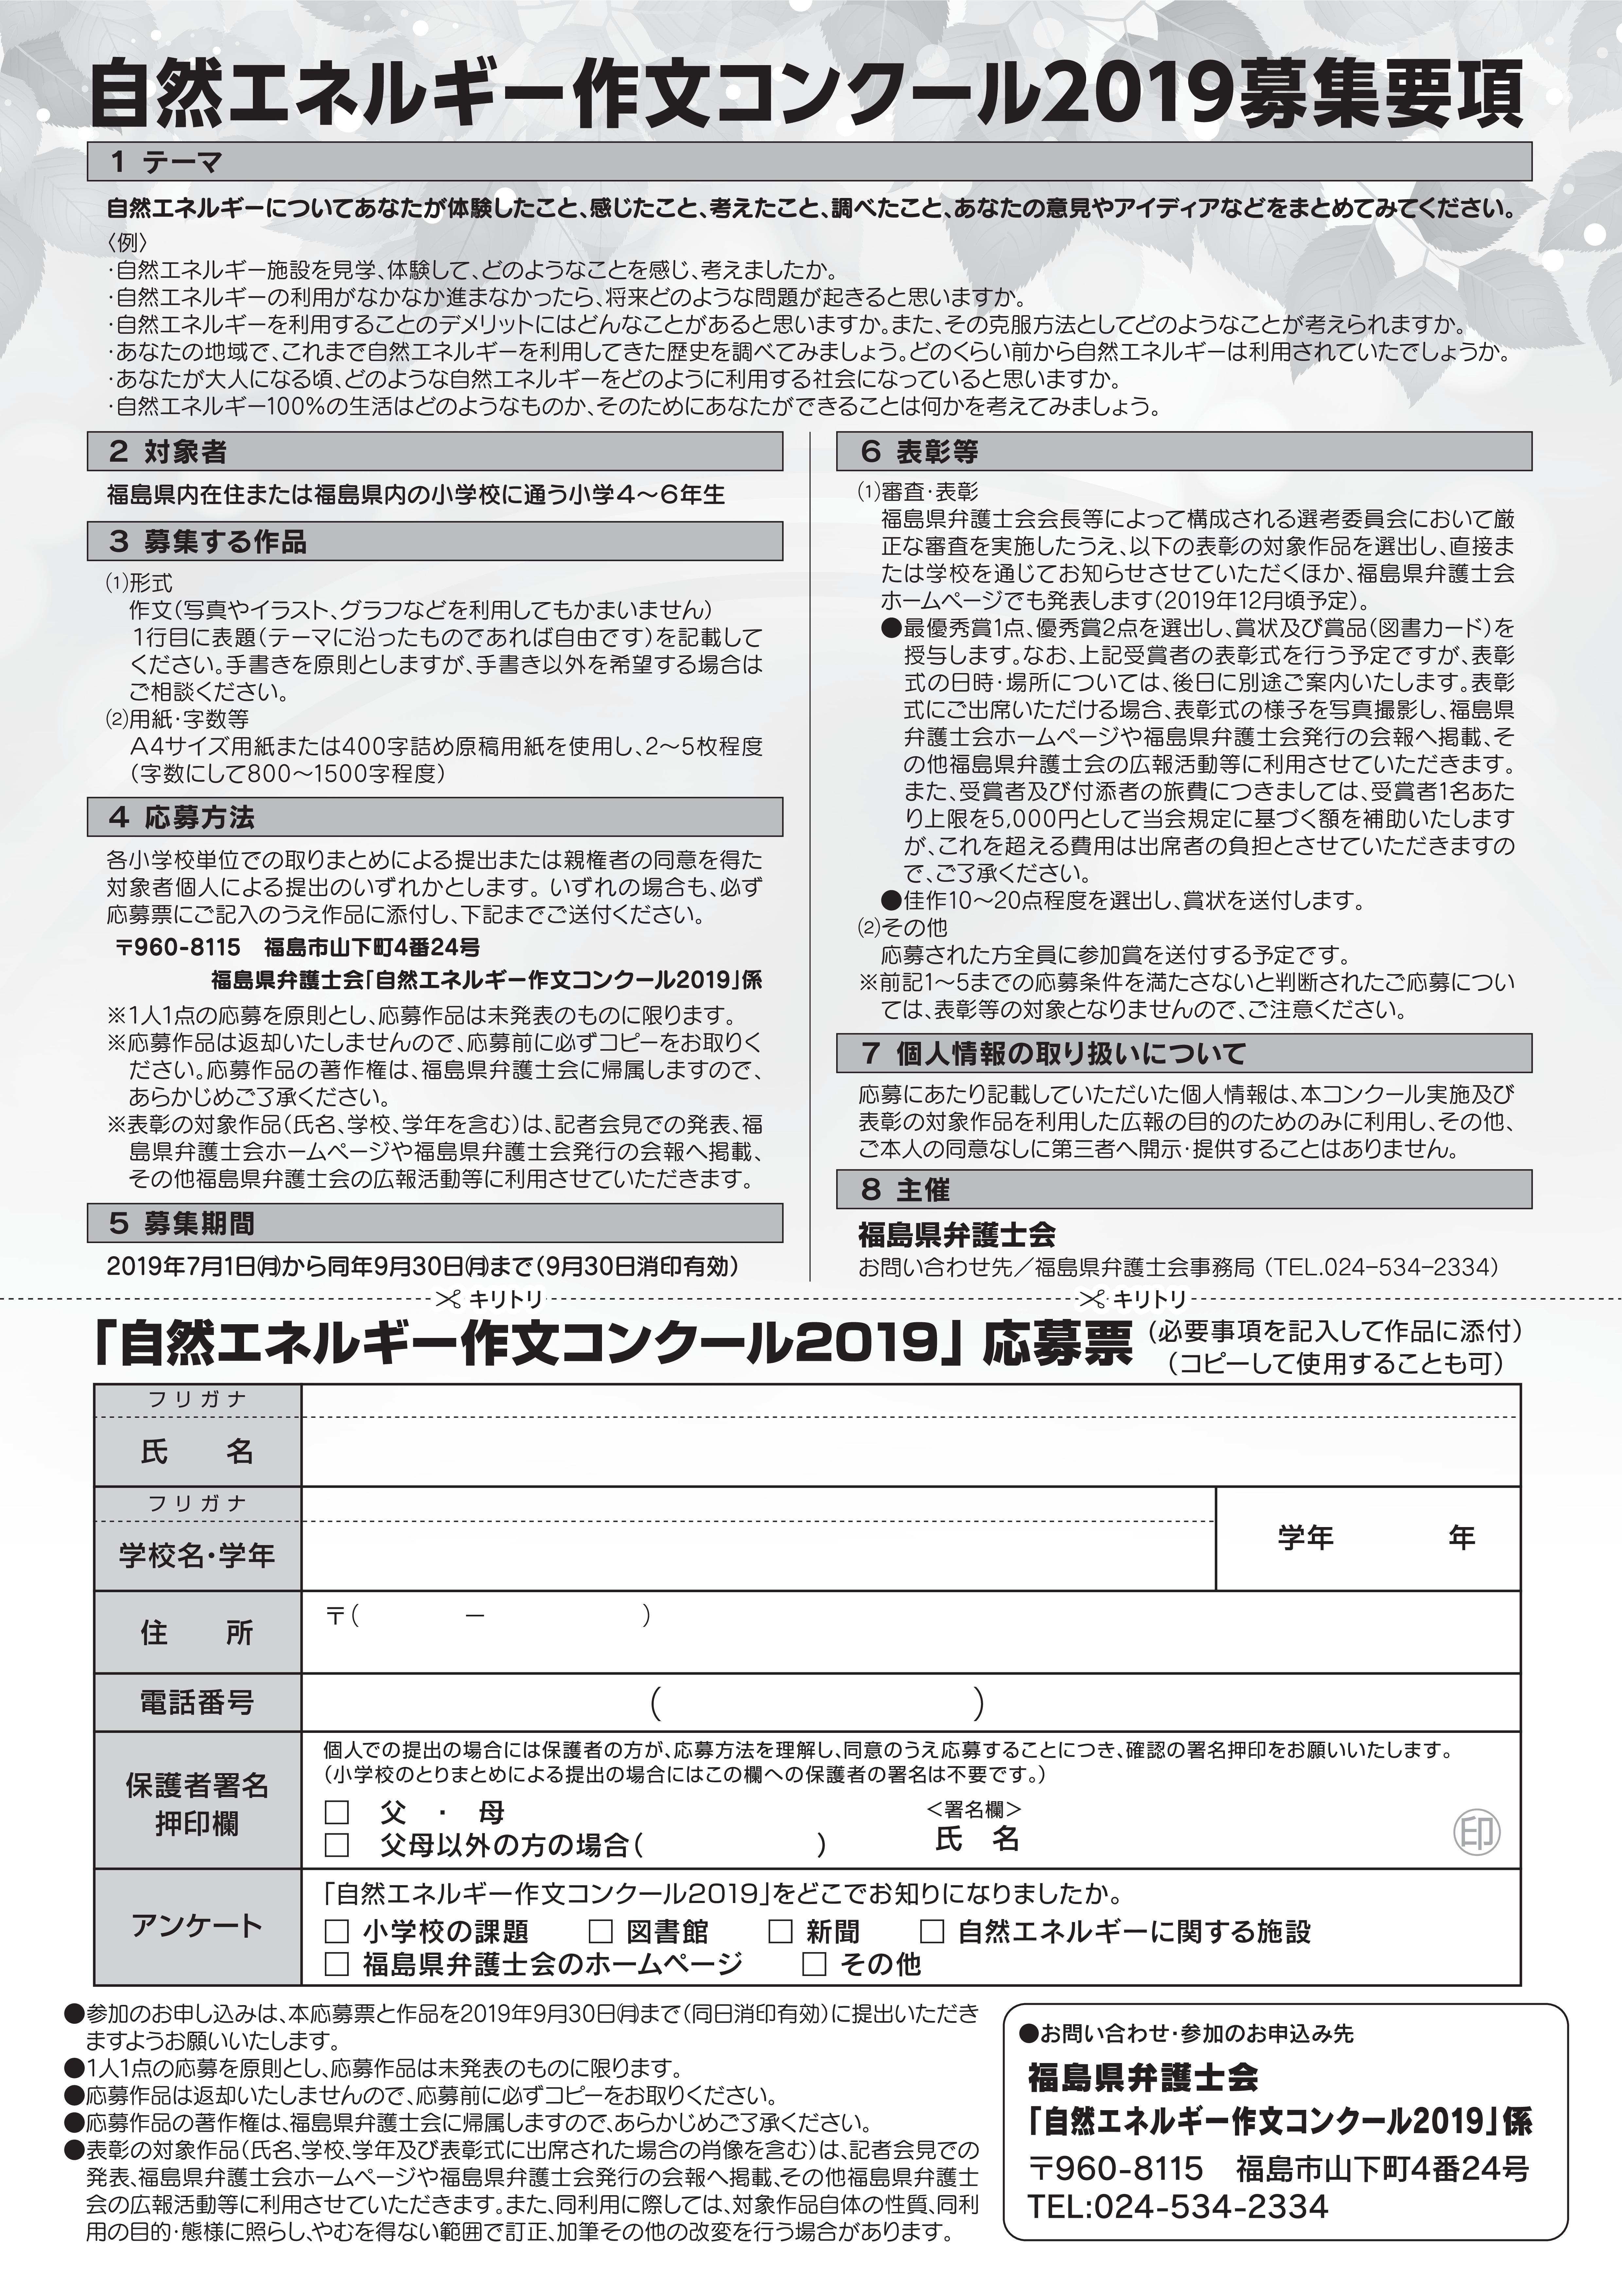 自然エネルギー作文コンクール2019応募チラシ_提出用-02